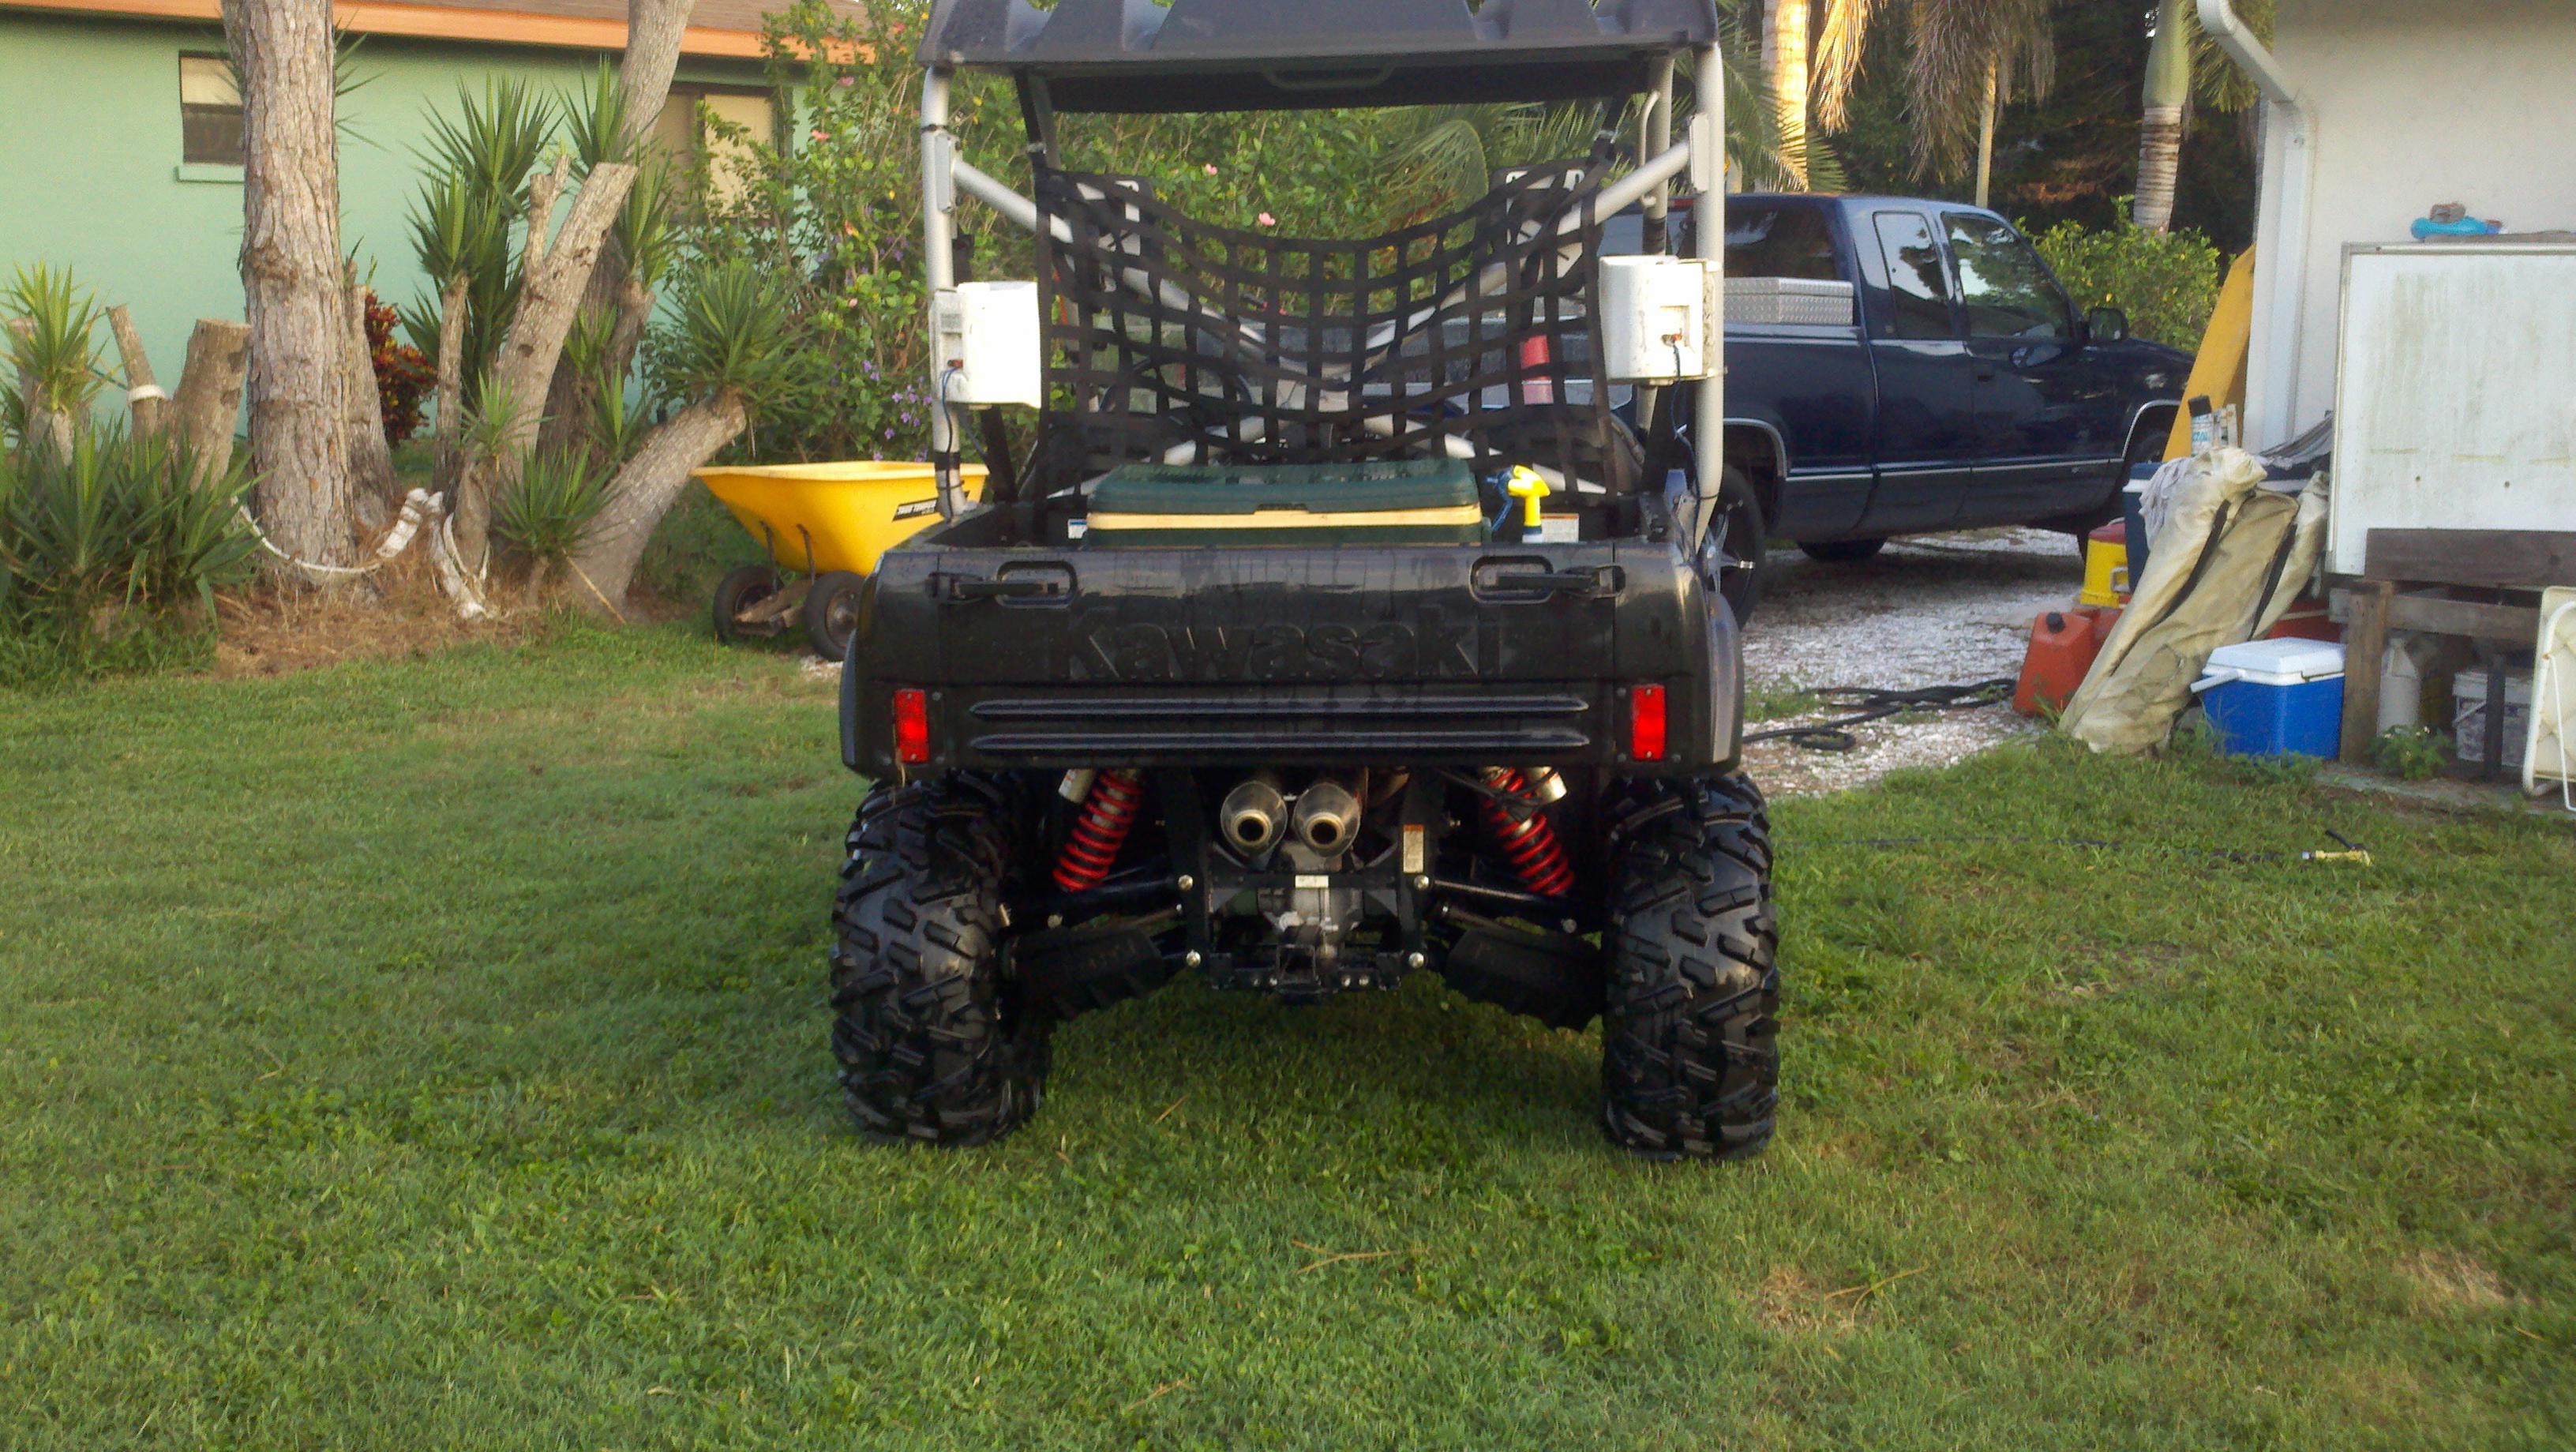 Will Commander wheels fit? - Kawasaki Teryx Forum